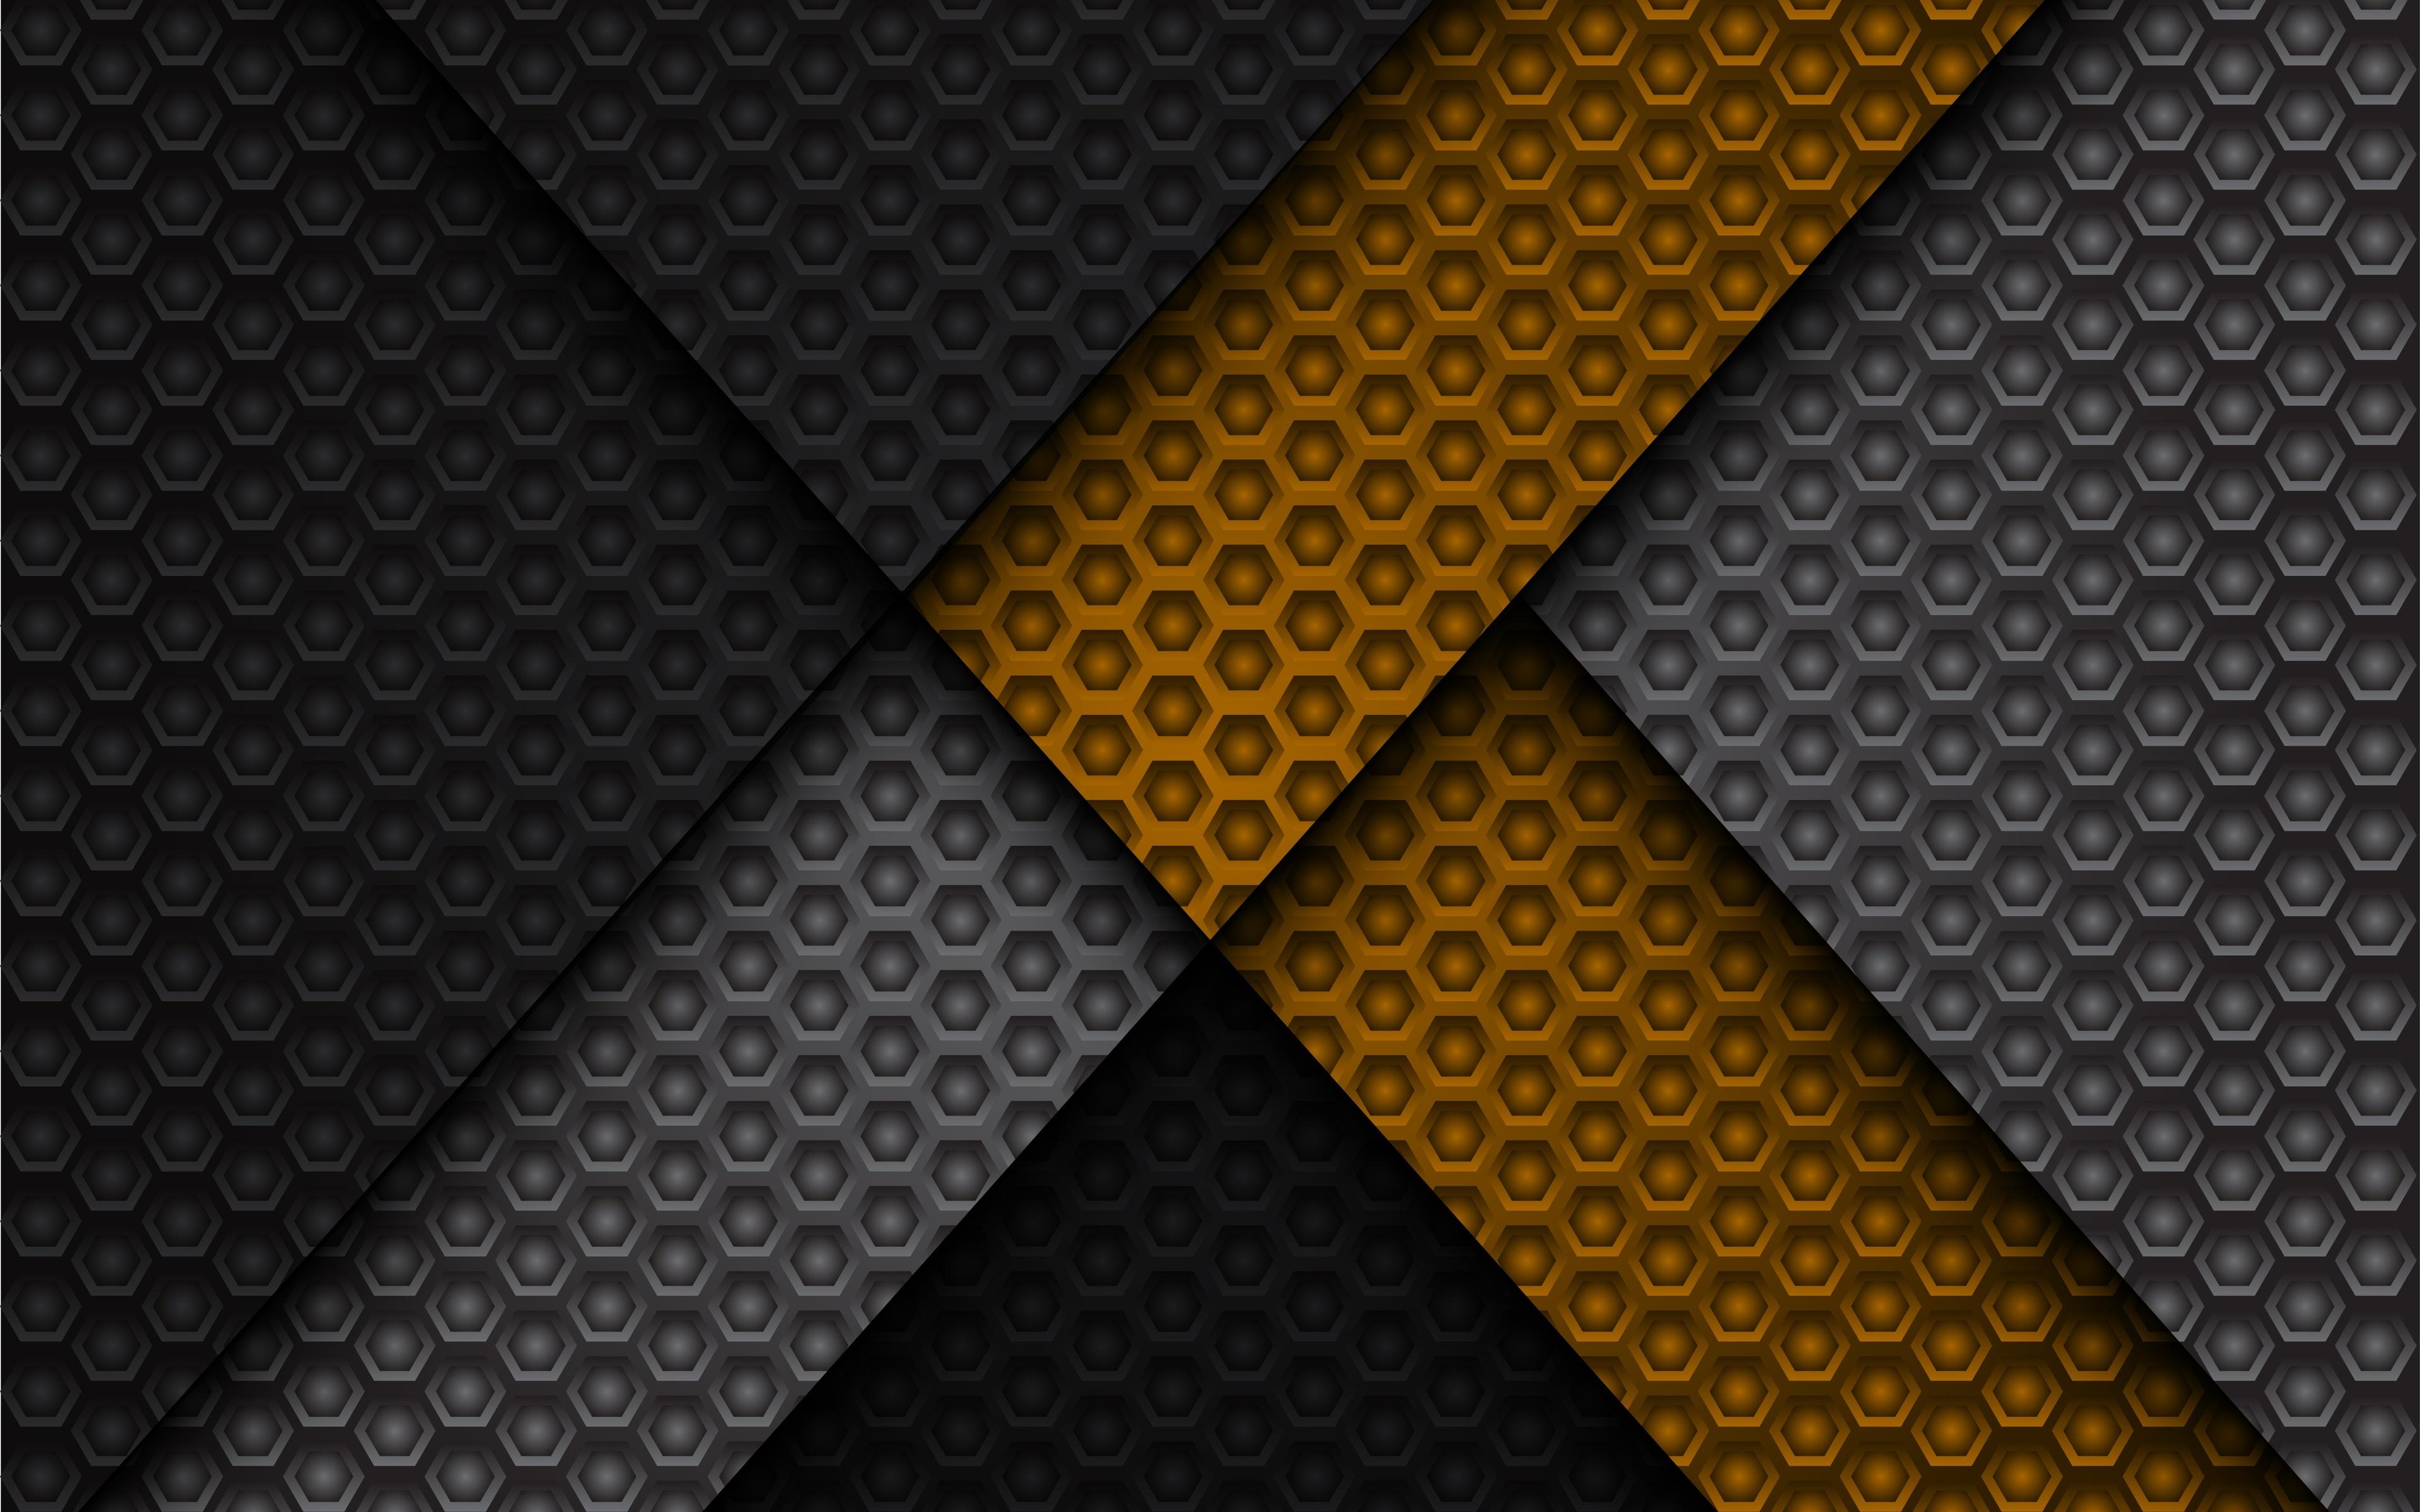 pattern-texture-4k-5k-fa.jpg